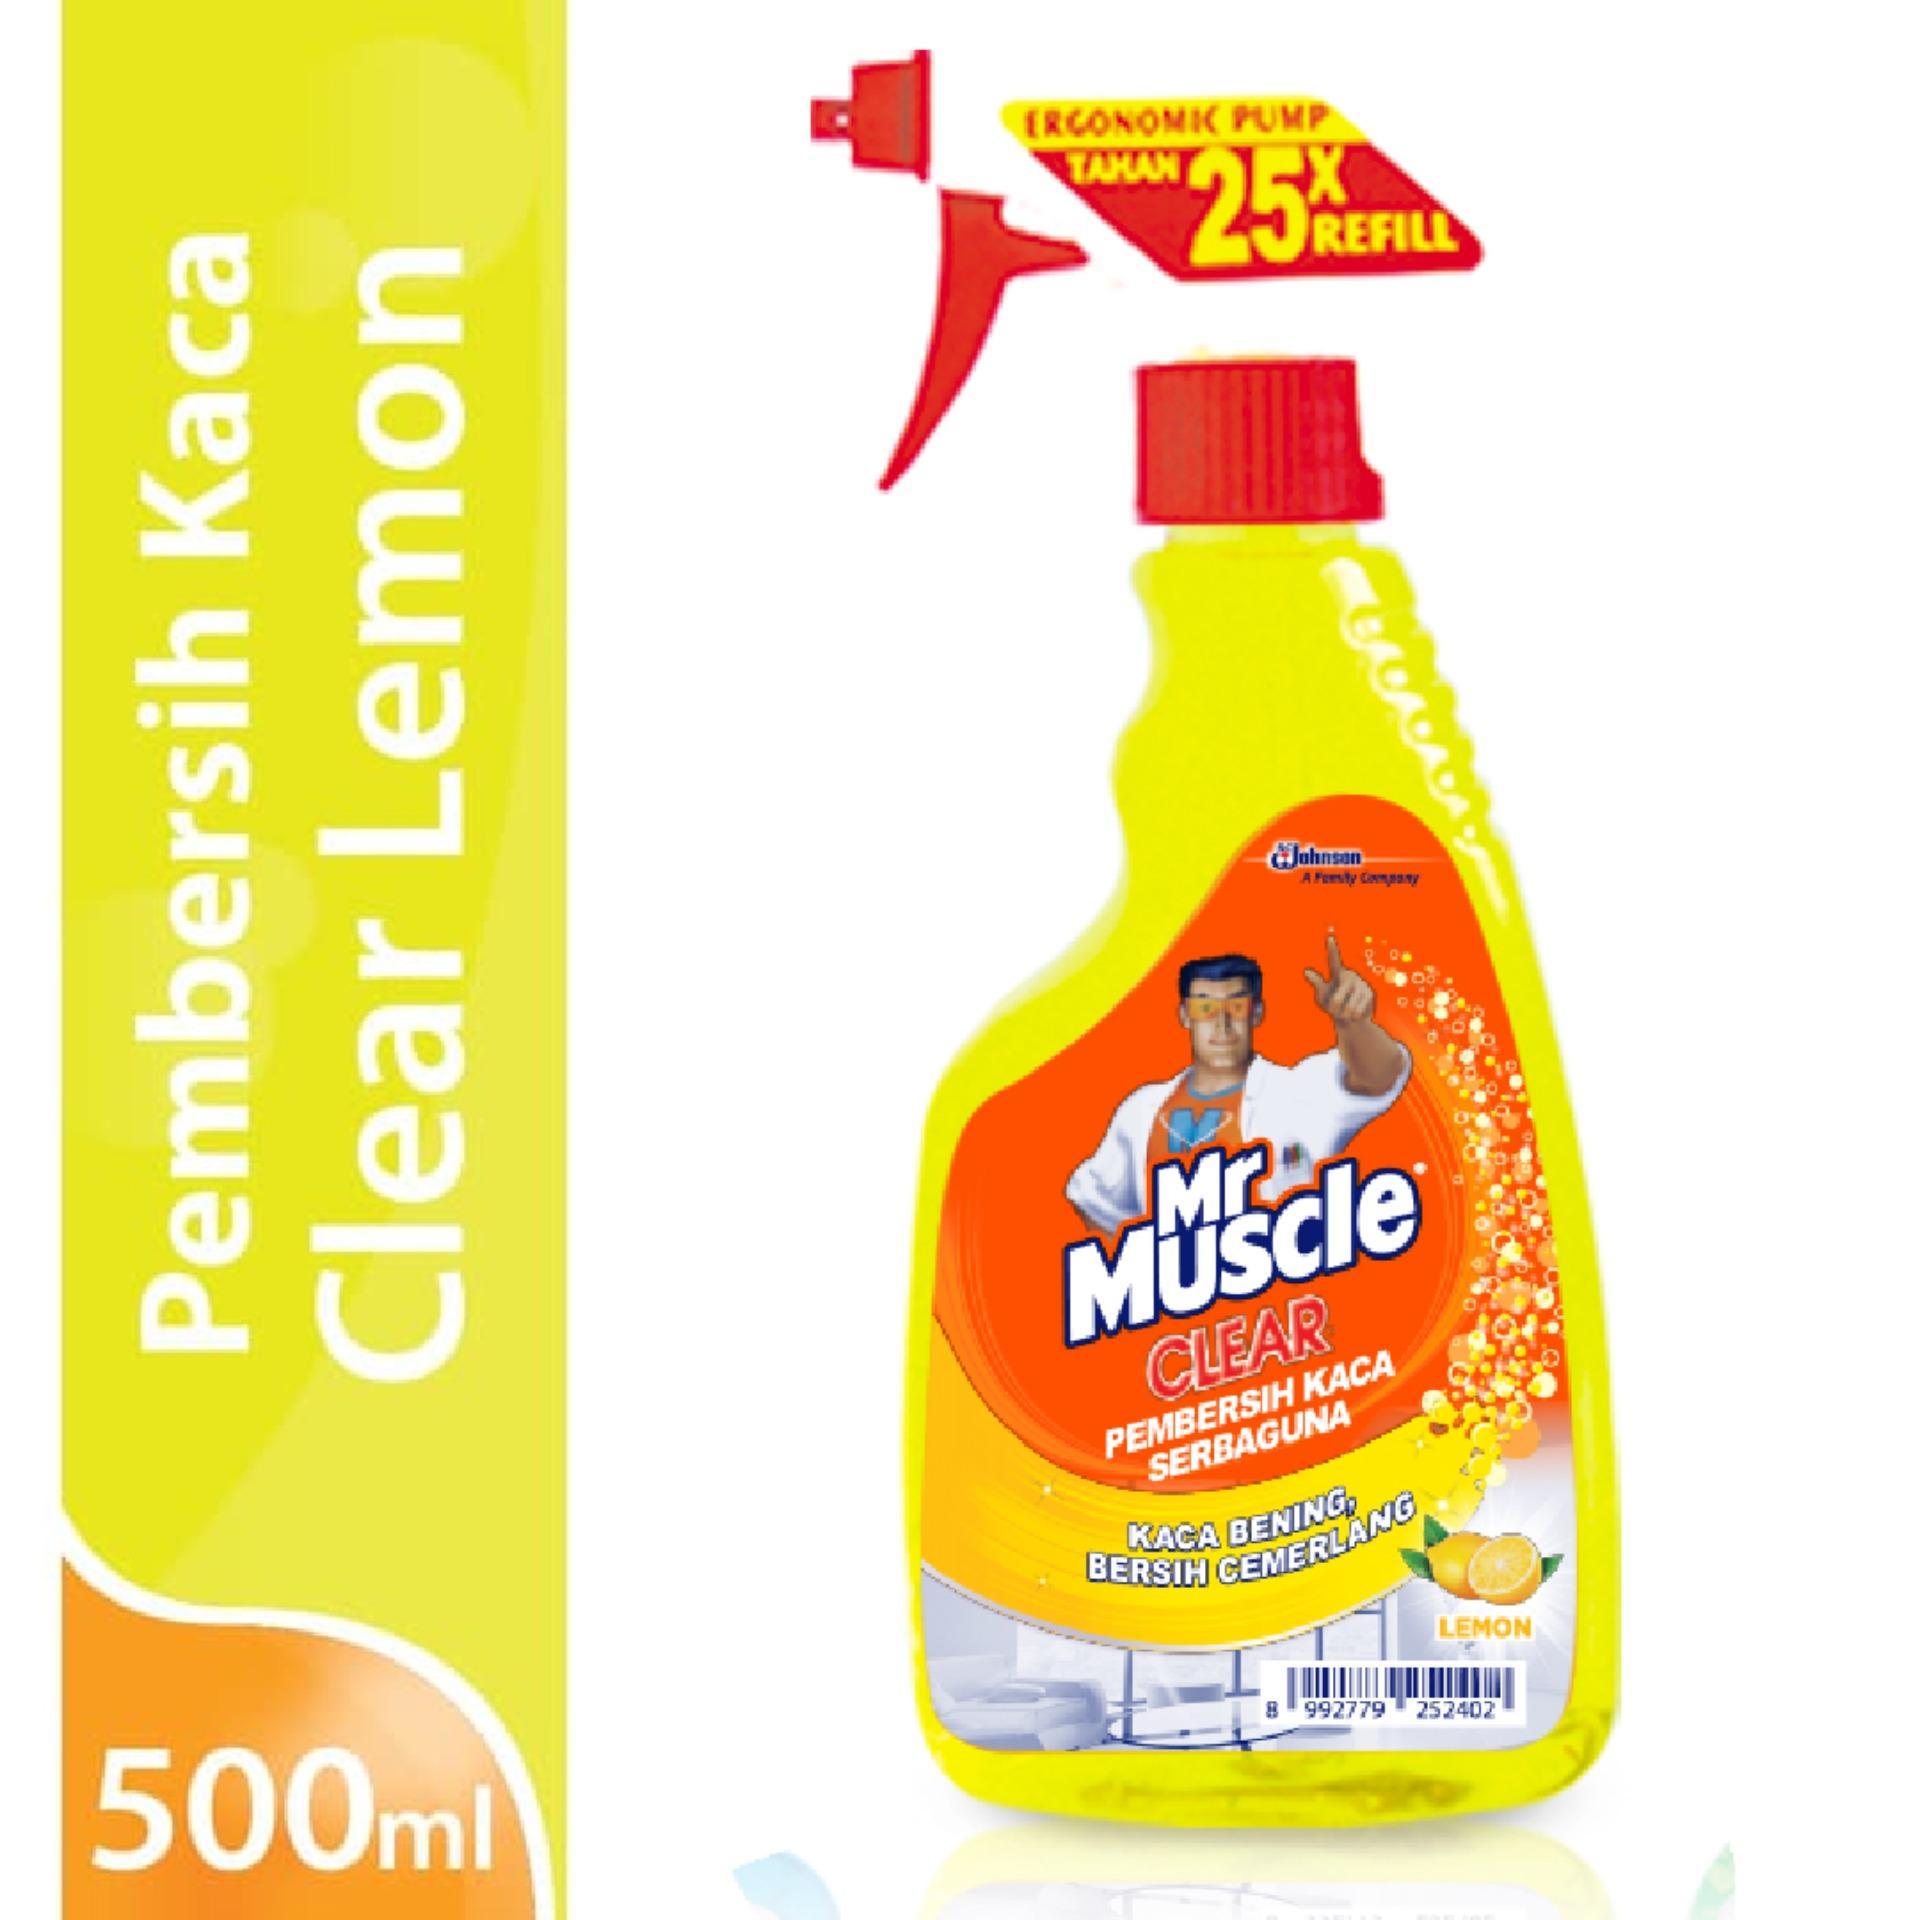 Mr. Muscle Glass Liquid Lemon Pump 500ml By Sc Johnson & Son Id.